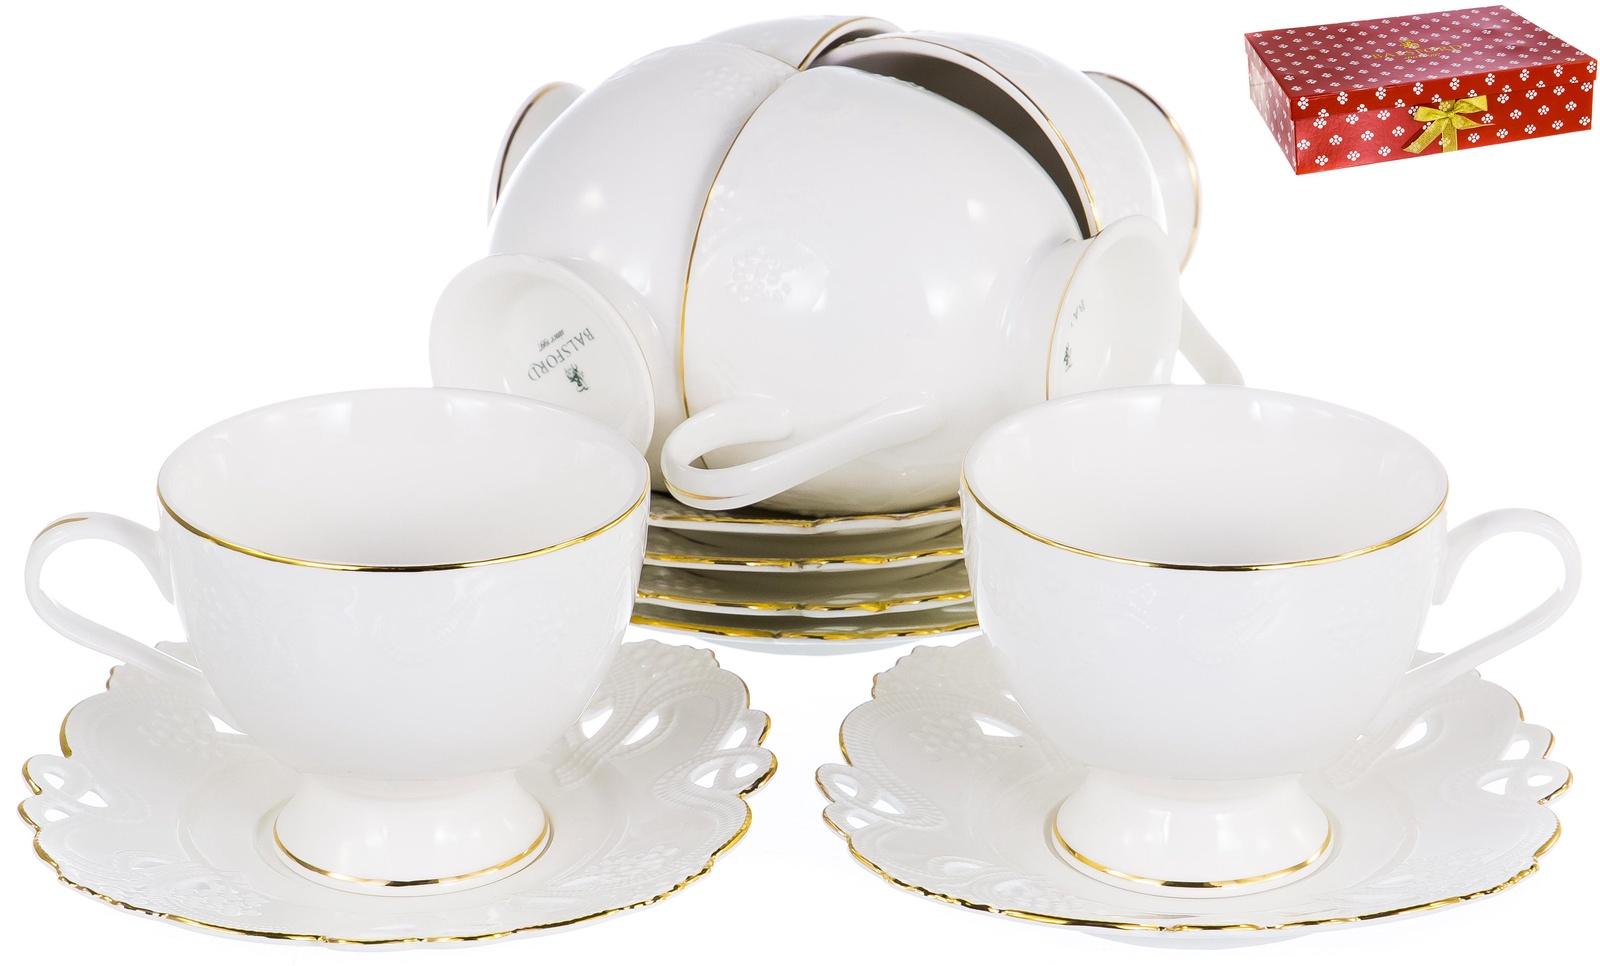 ГРАЦИЯ, набор чайный, 6 чашек 220мл, 6 блюдец, NEW BONE CHINA, белый рельефный рисунок с золотом, прямоугольная подарочная упаковка с окном и бантом, ТМ Balsford, артикул 101-30045 стоимость